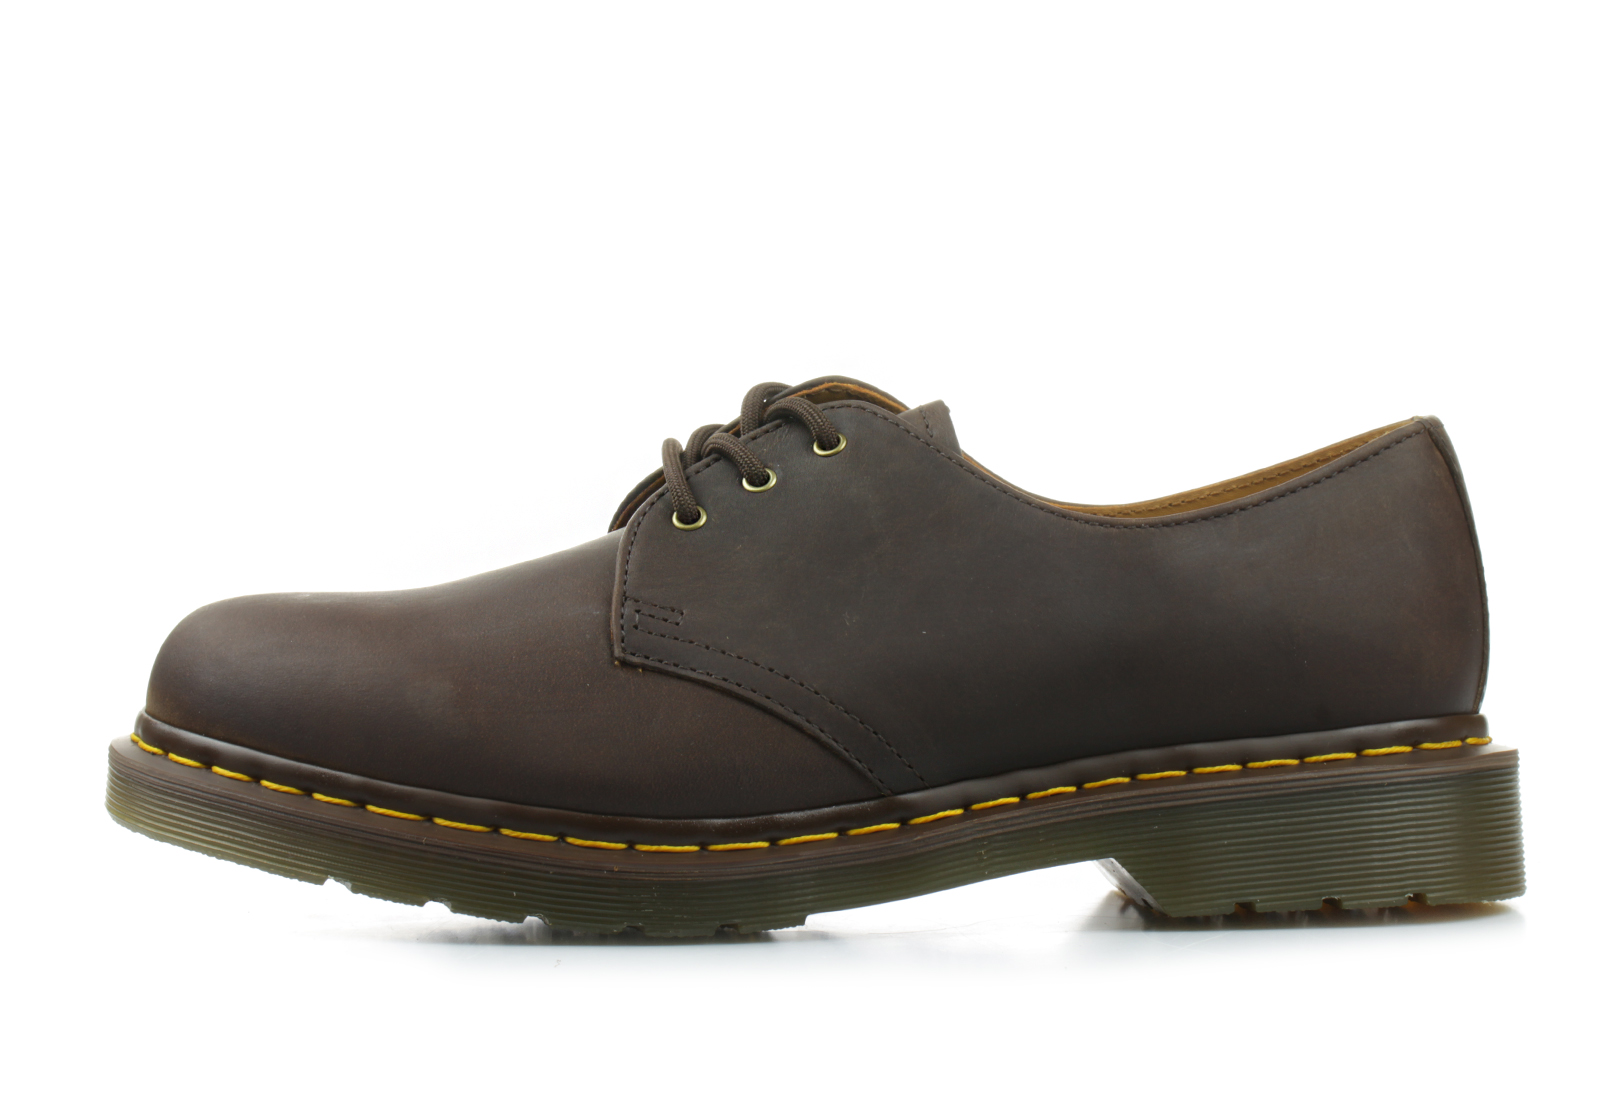 dr martens shoes 1461 3 eye shoe dm11838201 online. Black Bedroom Furniture Sets. Home Design Ideas